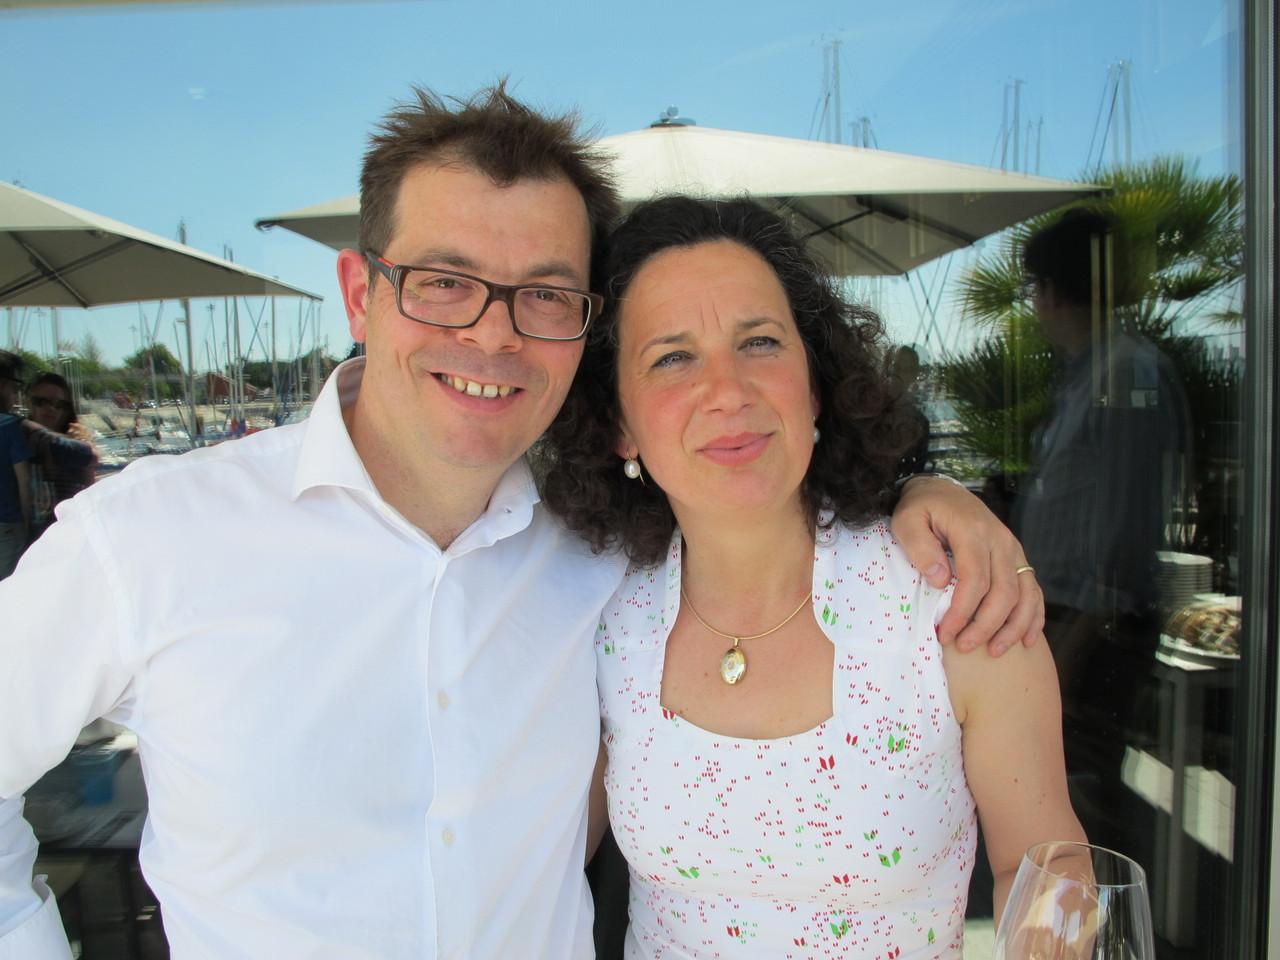 Michel van der Kroft e a mulher, portuguesa